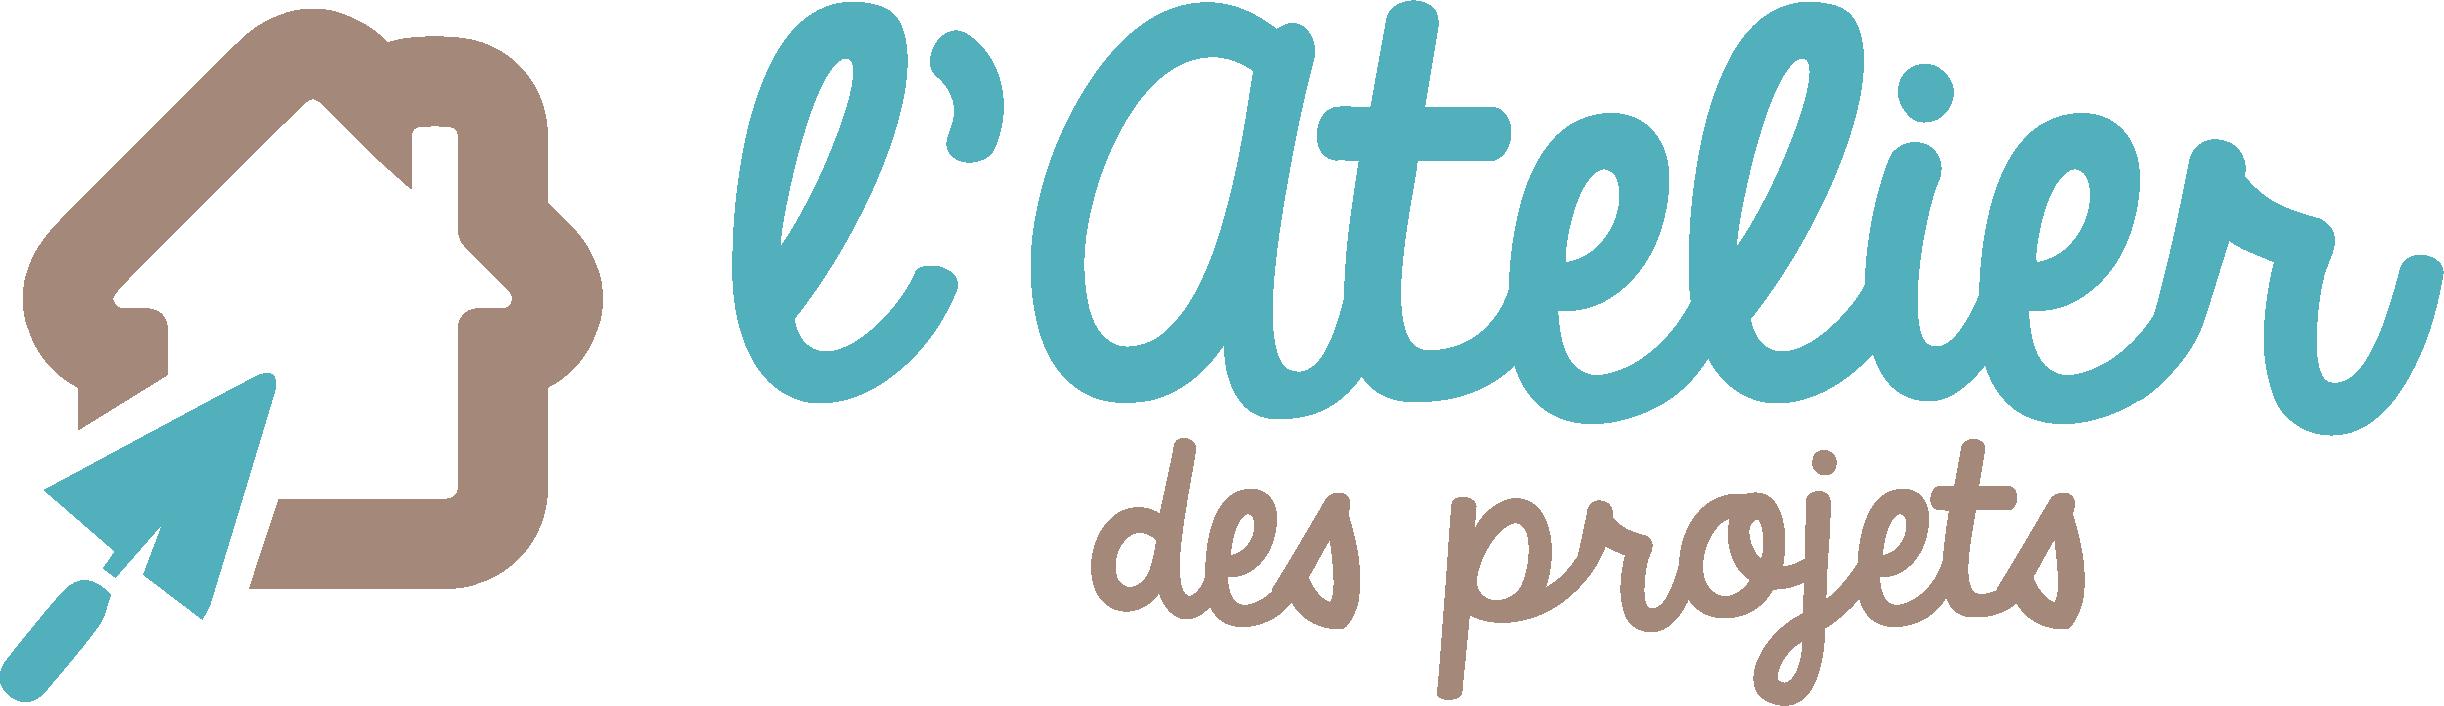 logo blog samse